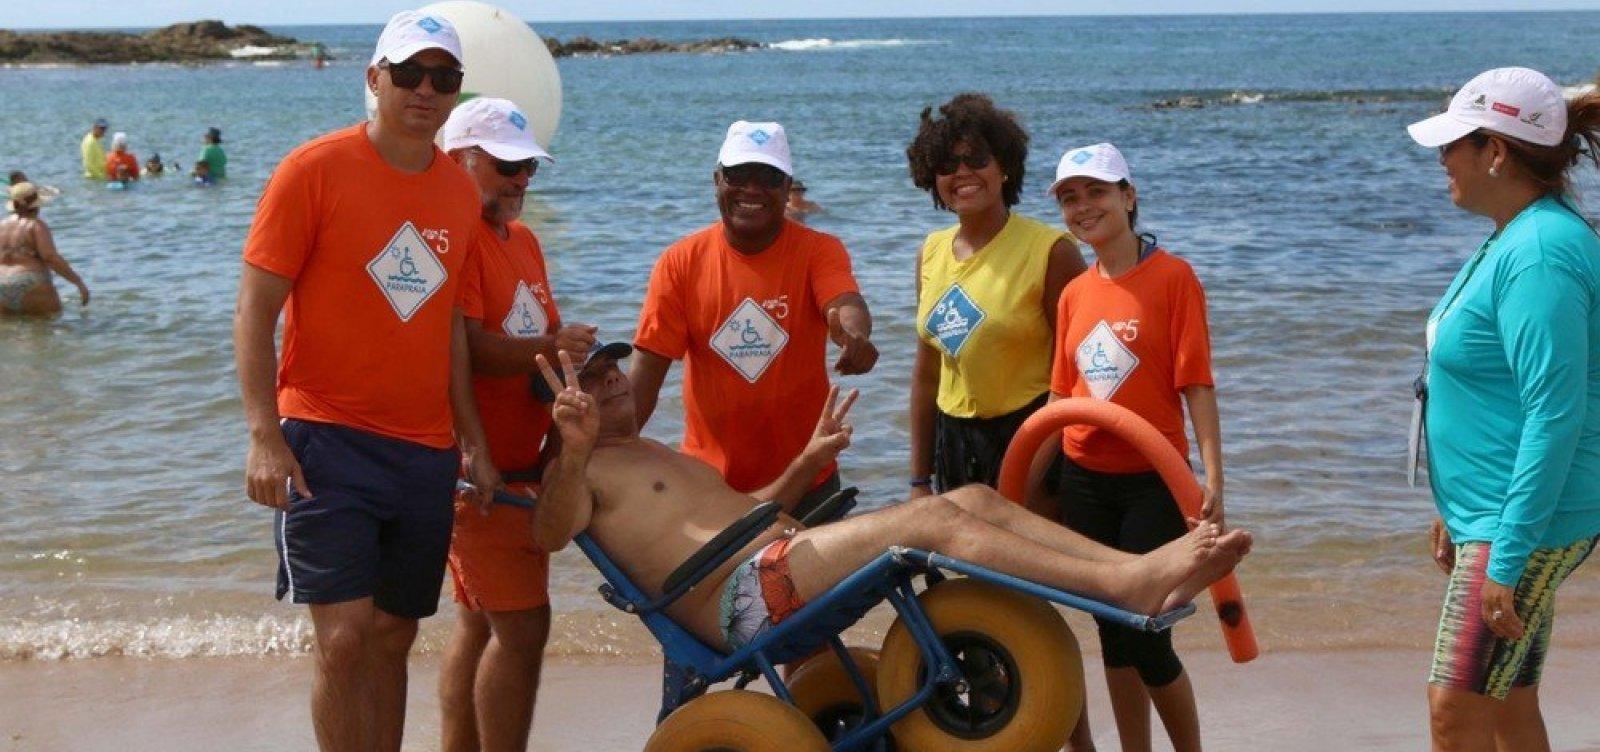 [Projeto 'Para Praia' recebe inscrições de voluntários até esta quinta-feira]